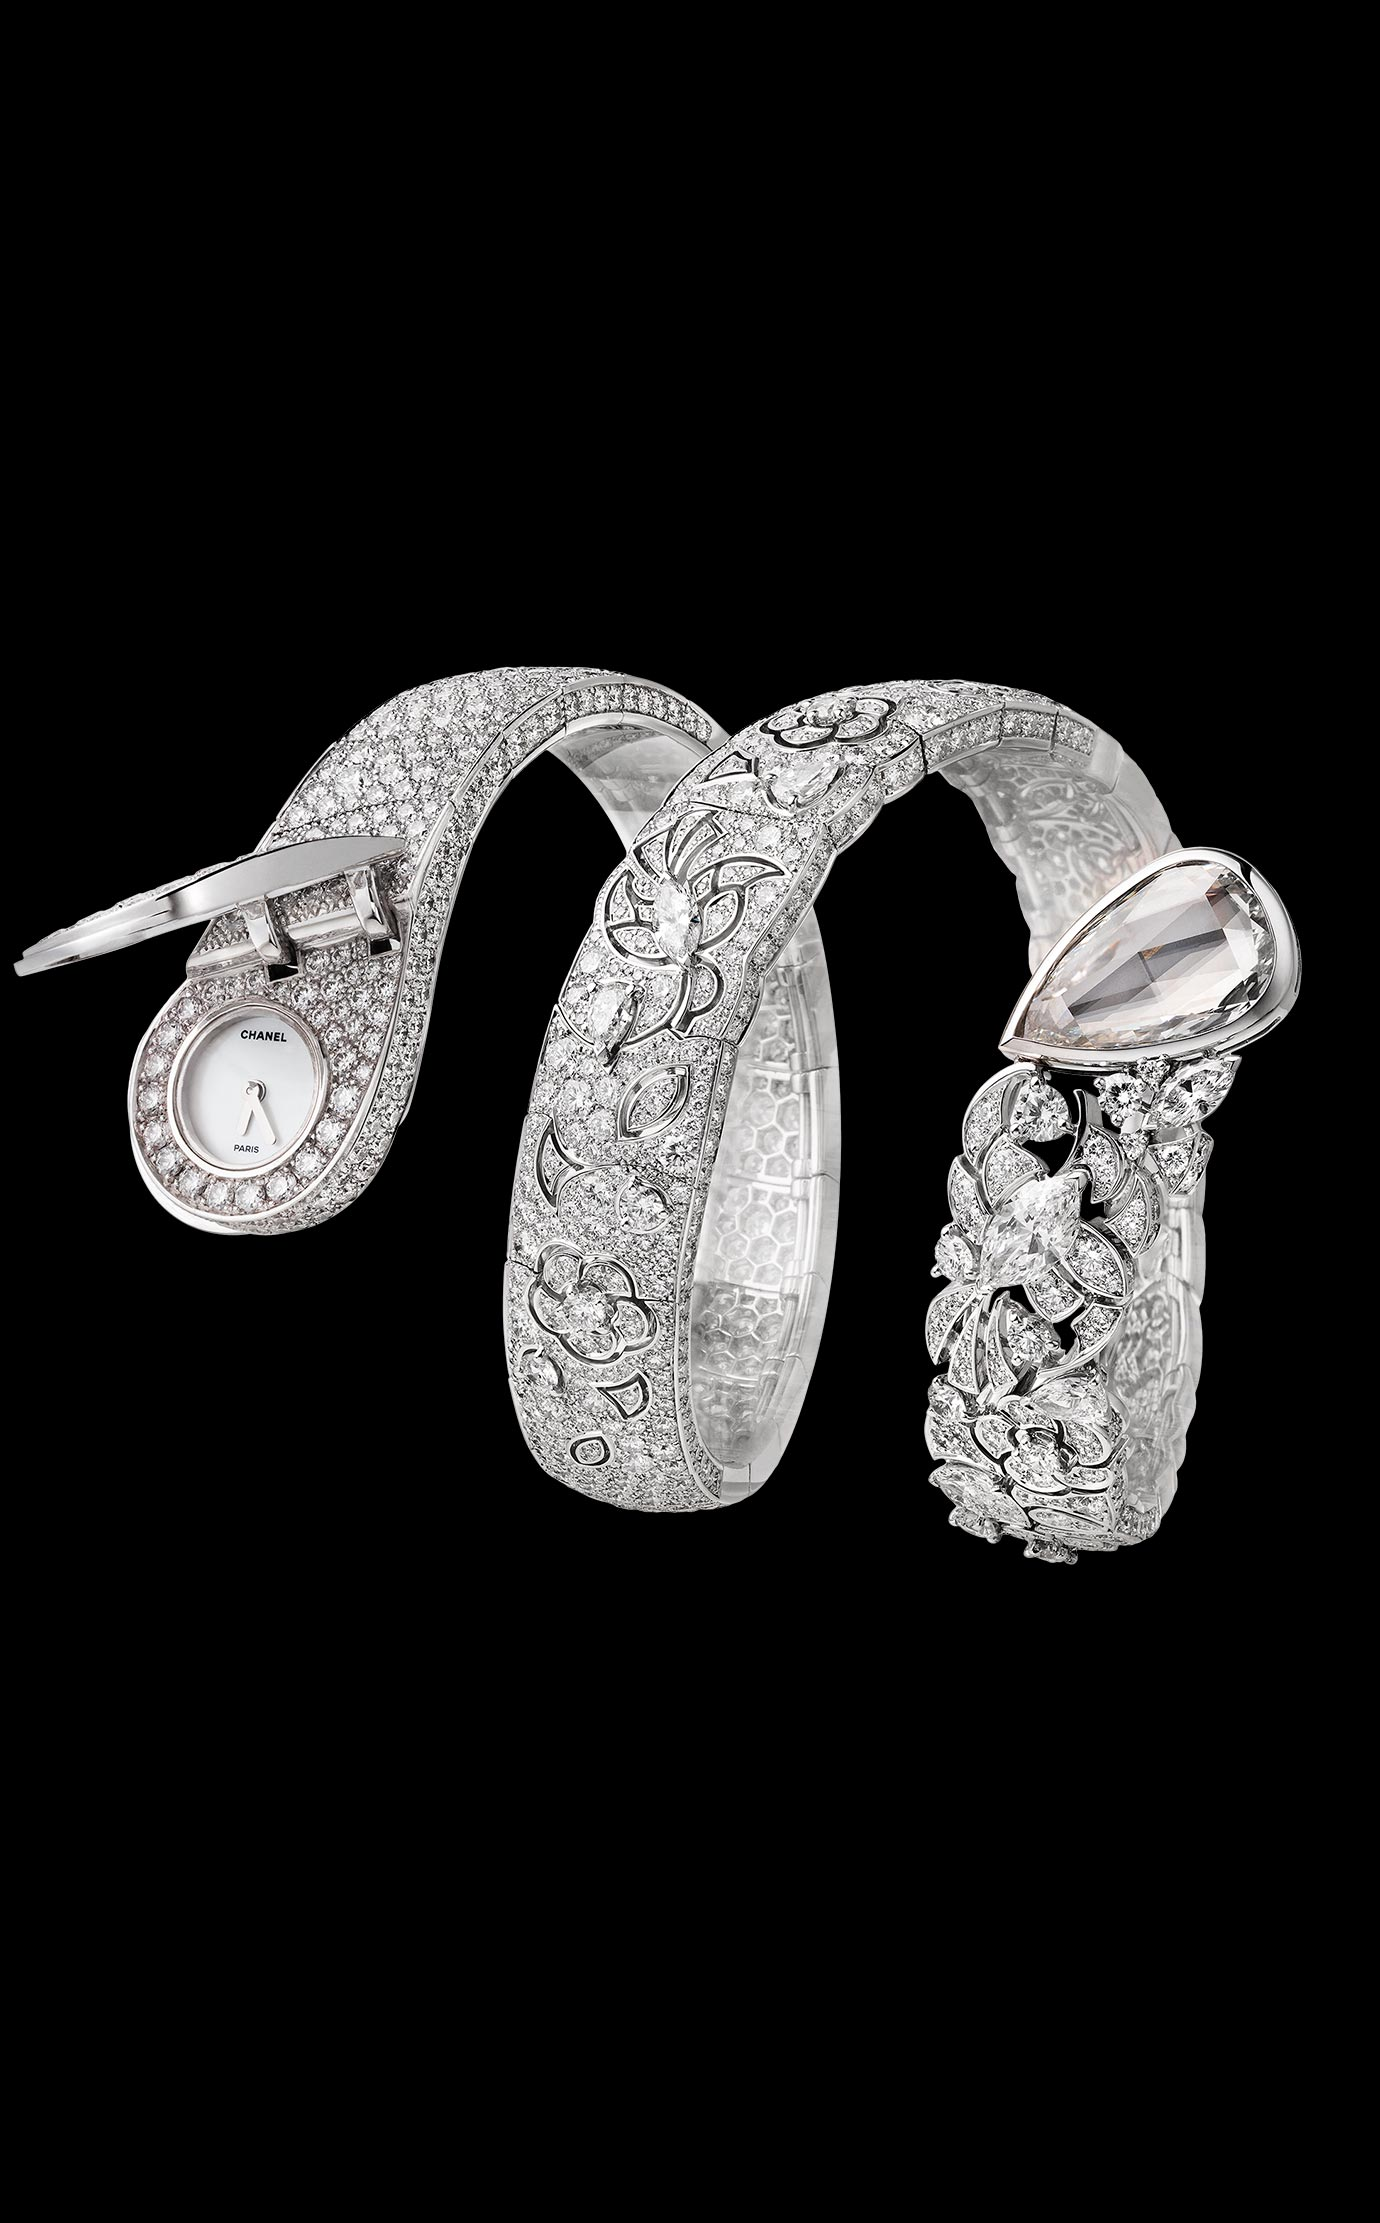 「Ruban」腕錶不斷自由演進,優雅地繾綣於腕間。細膩的18K白金蕾絲鑲嵌1,369顆鑽石,當中7顆為花式切割鑽石,一面藏著神秘的腕錶,另一面鑲嵌一顆重5克拉的梨形切割鑽石。 - 開啟